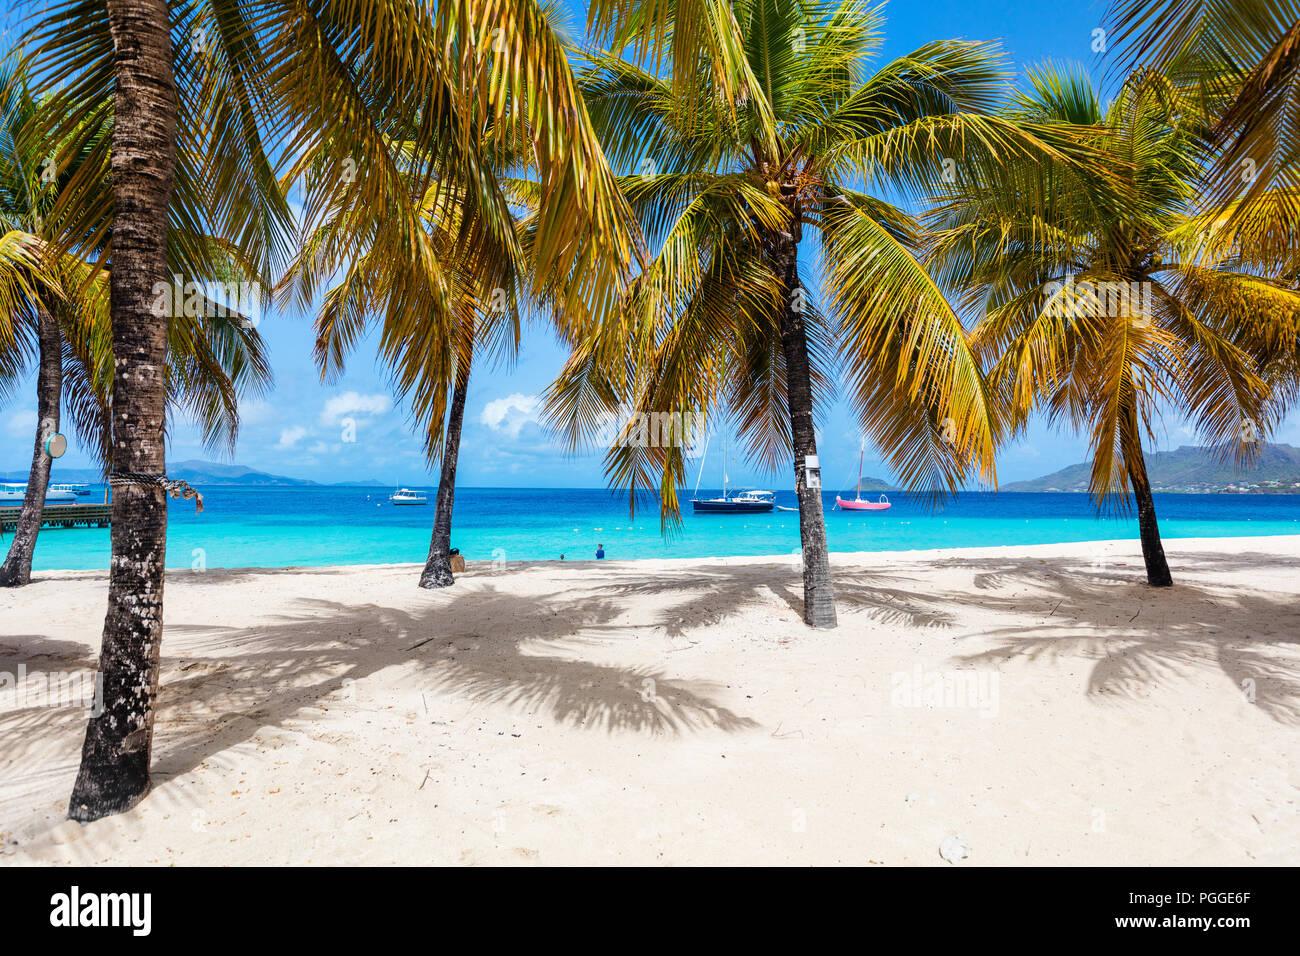 Tropical idílica playa de arena blanca, palmeras y aguas turquesas del mar Caribe agua en la exótica isla de San Vicente y las Granadinas Foto de stock